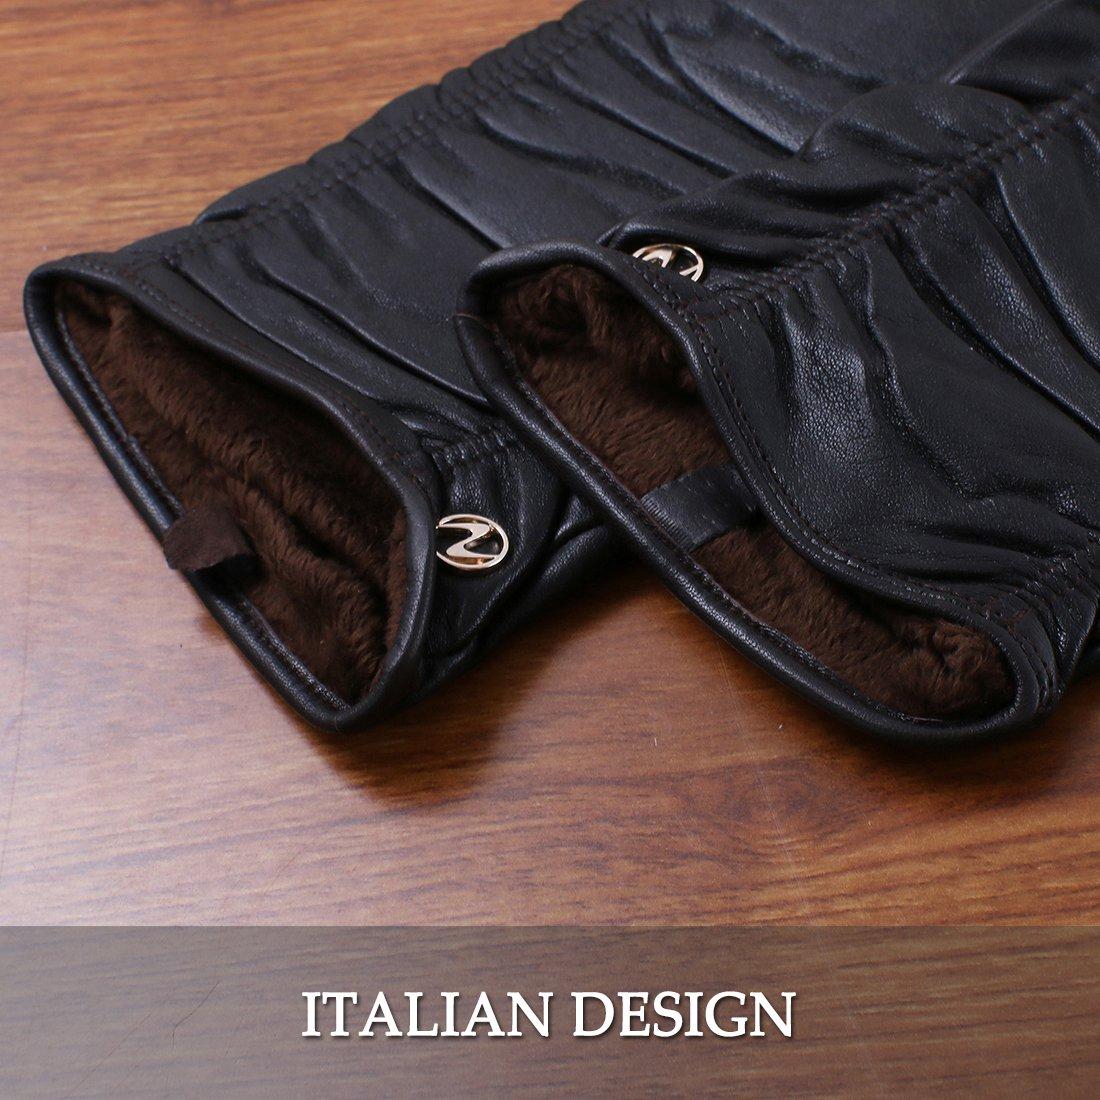 Nappaglo donne italiane di pelle guanti di pelle inverno caldo semplice lungo vello fodera guanti touchscreen o non touchscreen